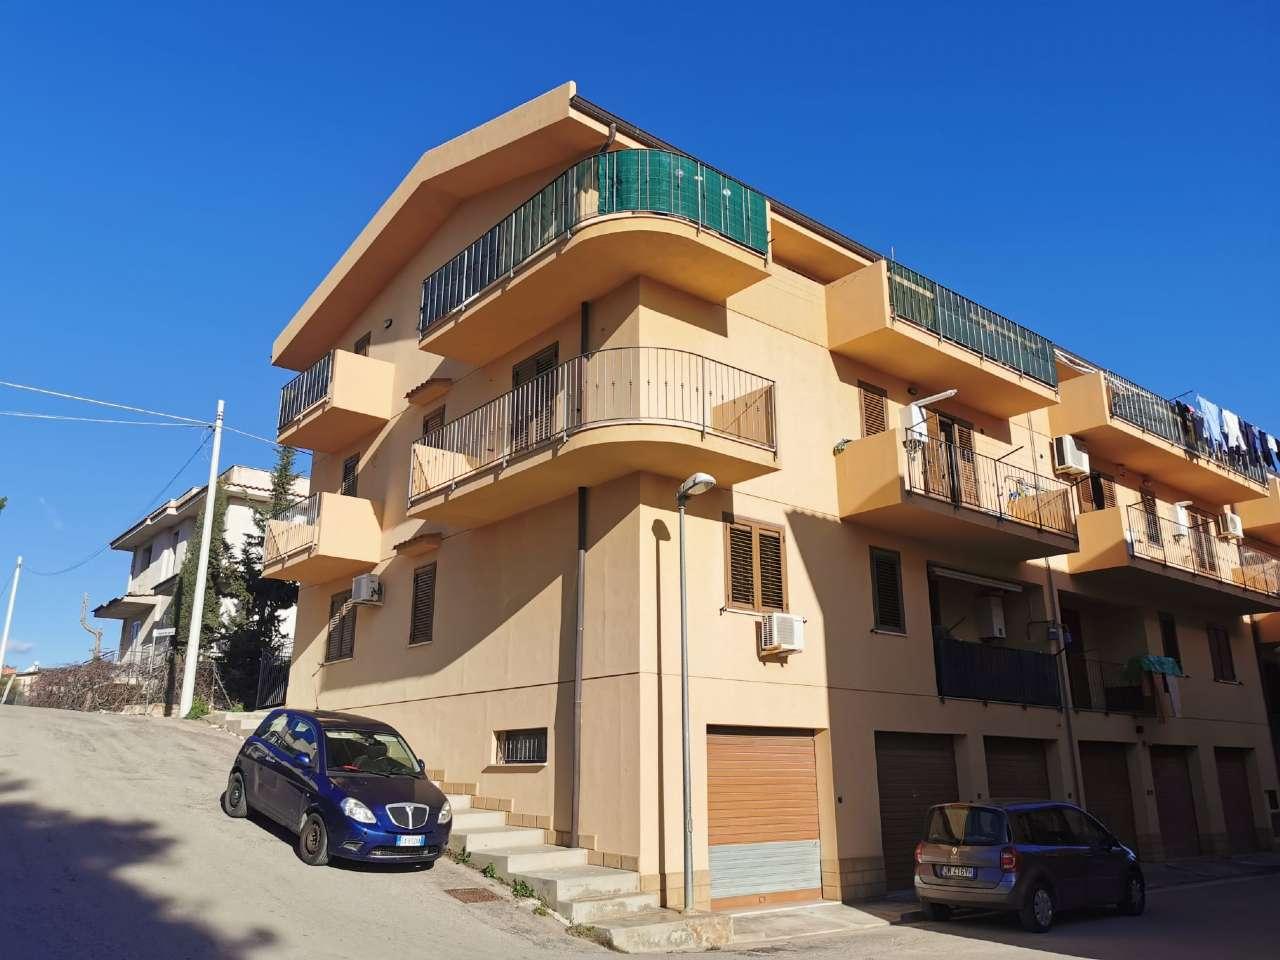 Appartamento in vendita a Casteldaccia, 3 locali, prezzo € 128.000   PortaleAgenzieImmobiliari.it